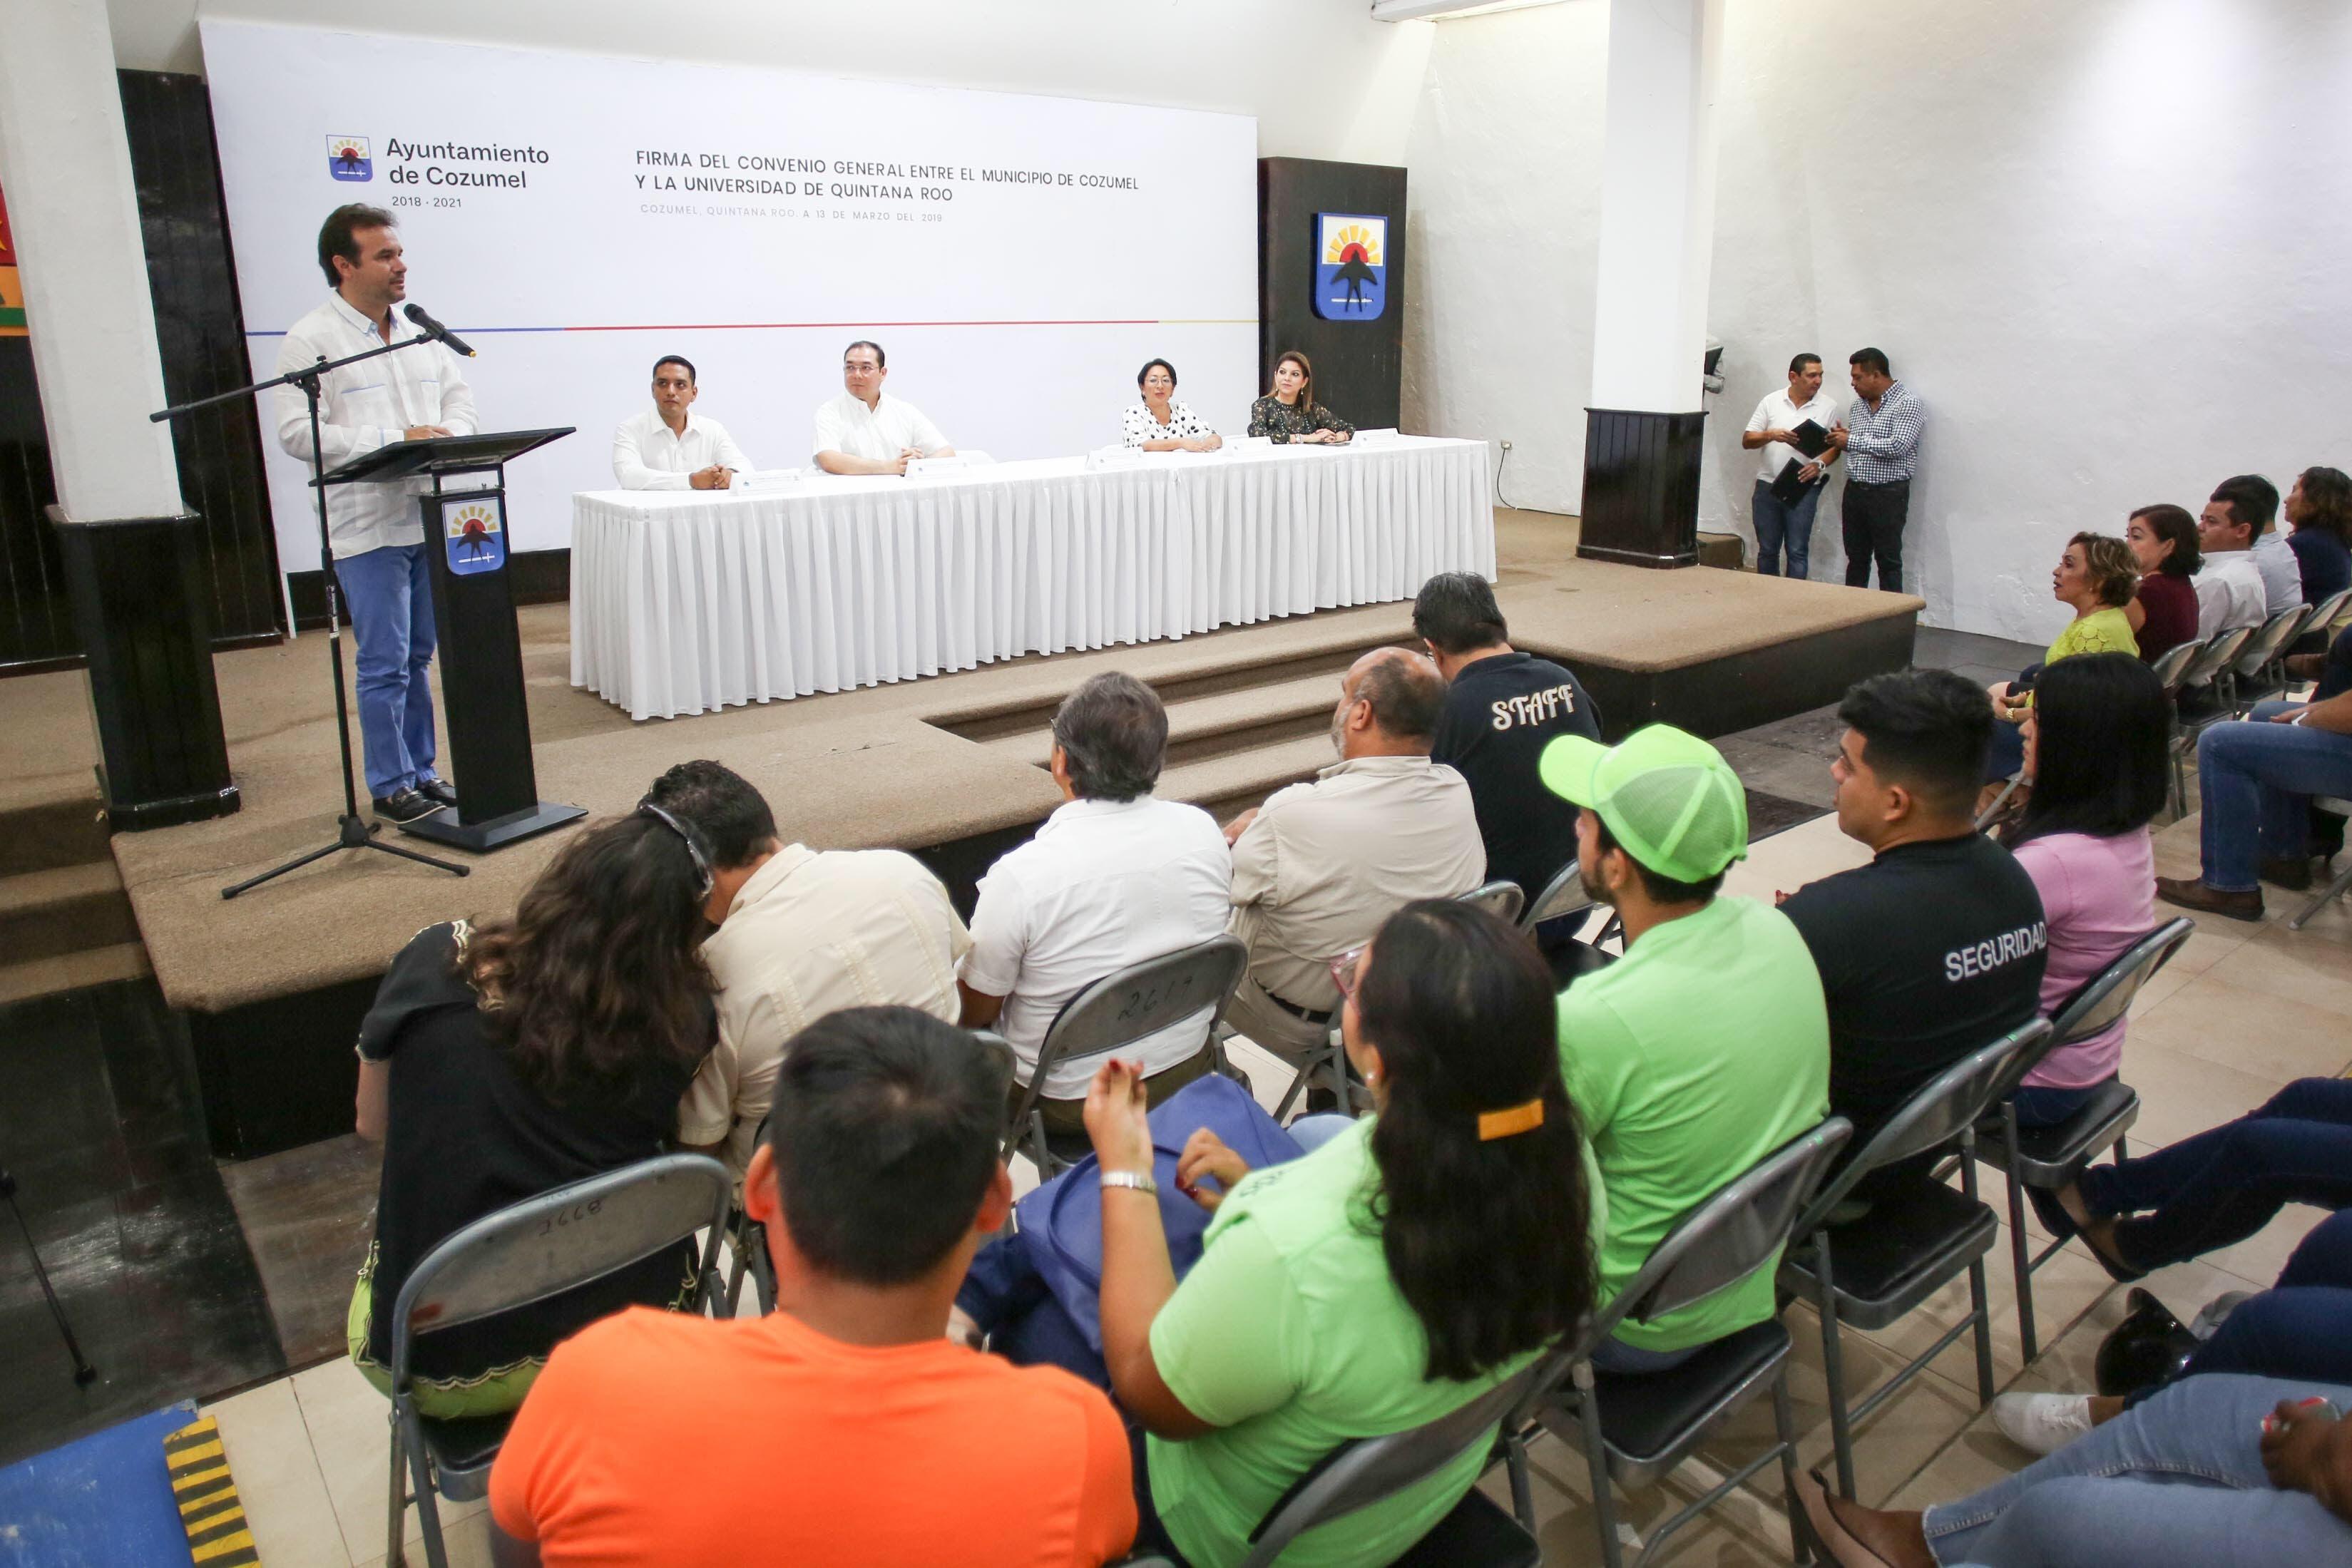 Cozumel tiene centros de estudio e investigación con capacidad y profesionalismo para poner en marcha proyectos en beneficio de la población, sin necesidad de buscar en otros estados: Pedro Joaquín